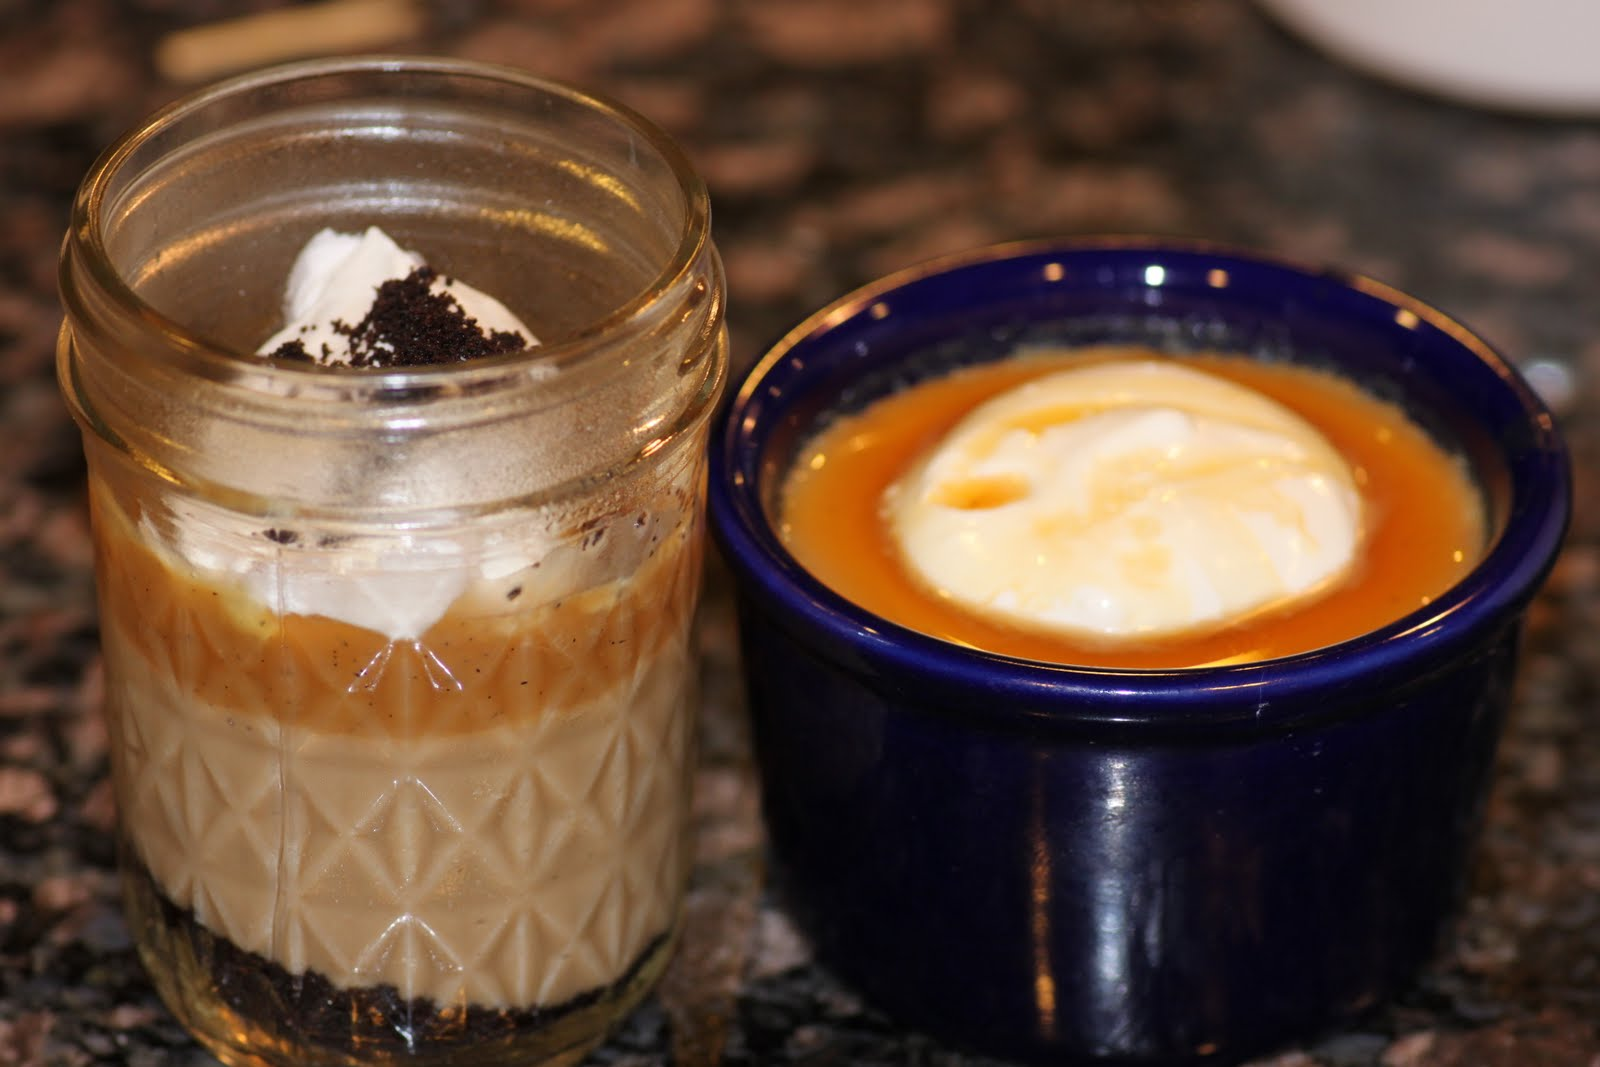 Taco Tuesday: Salted Caramel Budino vs. Butterscotch Pots de Crème